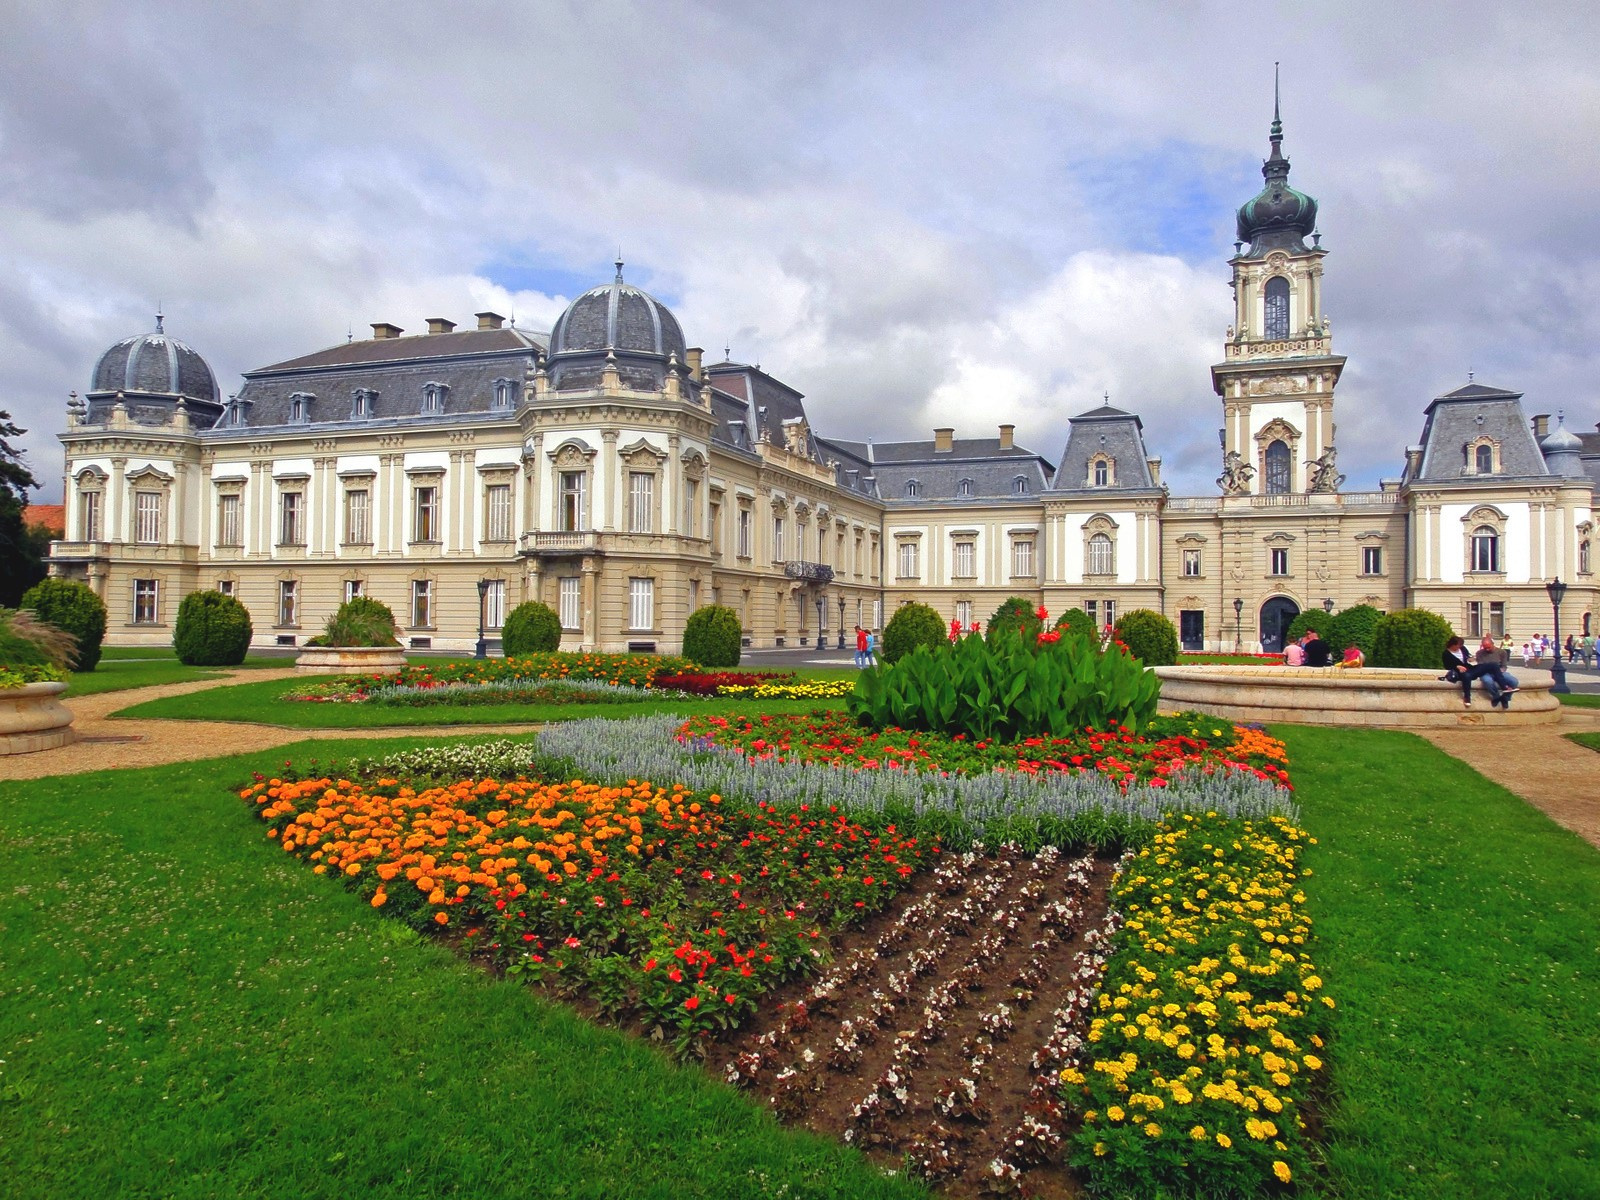 Keszthely Hungary  city photos gallery : Festetics kastély 10876. számú műemlék 32 Wikimedia ...